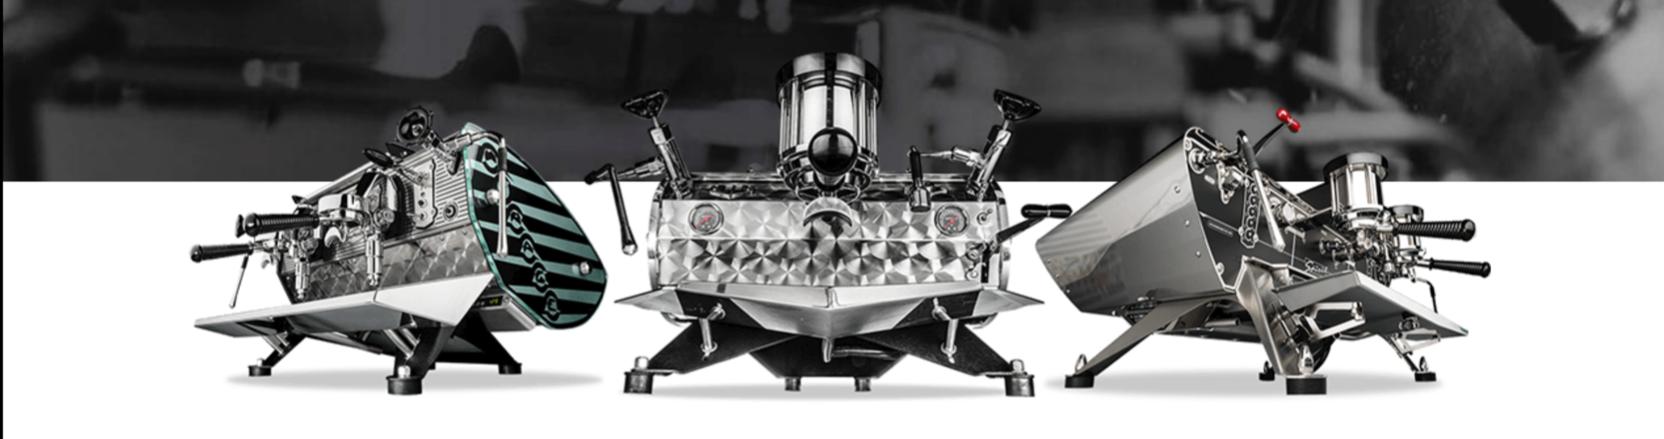 Kees van der Westen Cafe Machine modelle